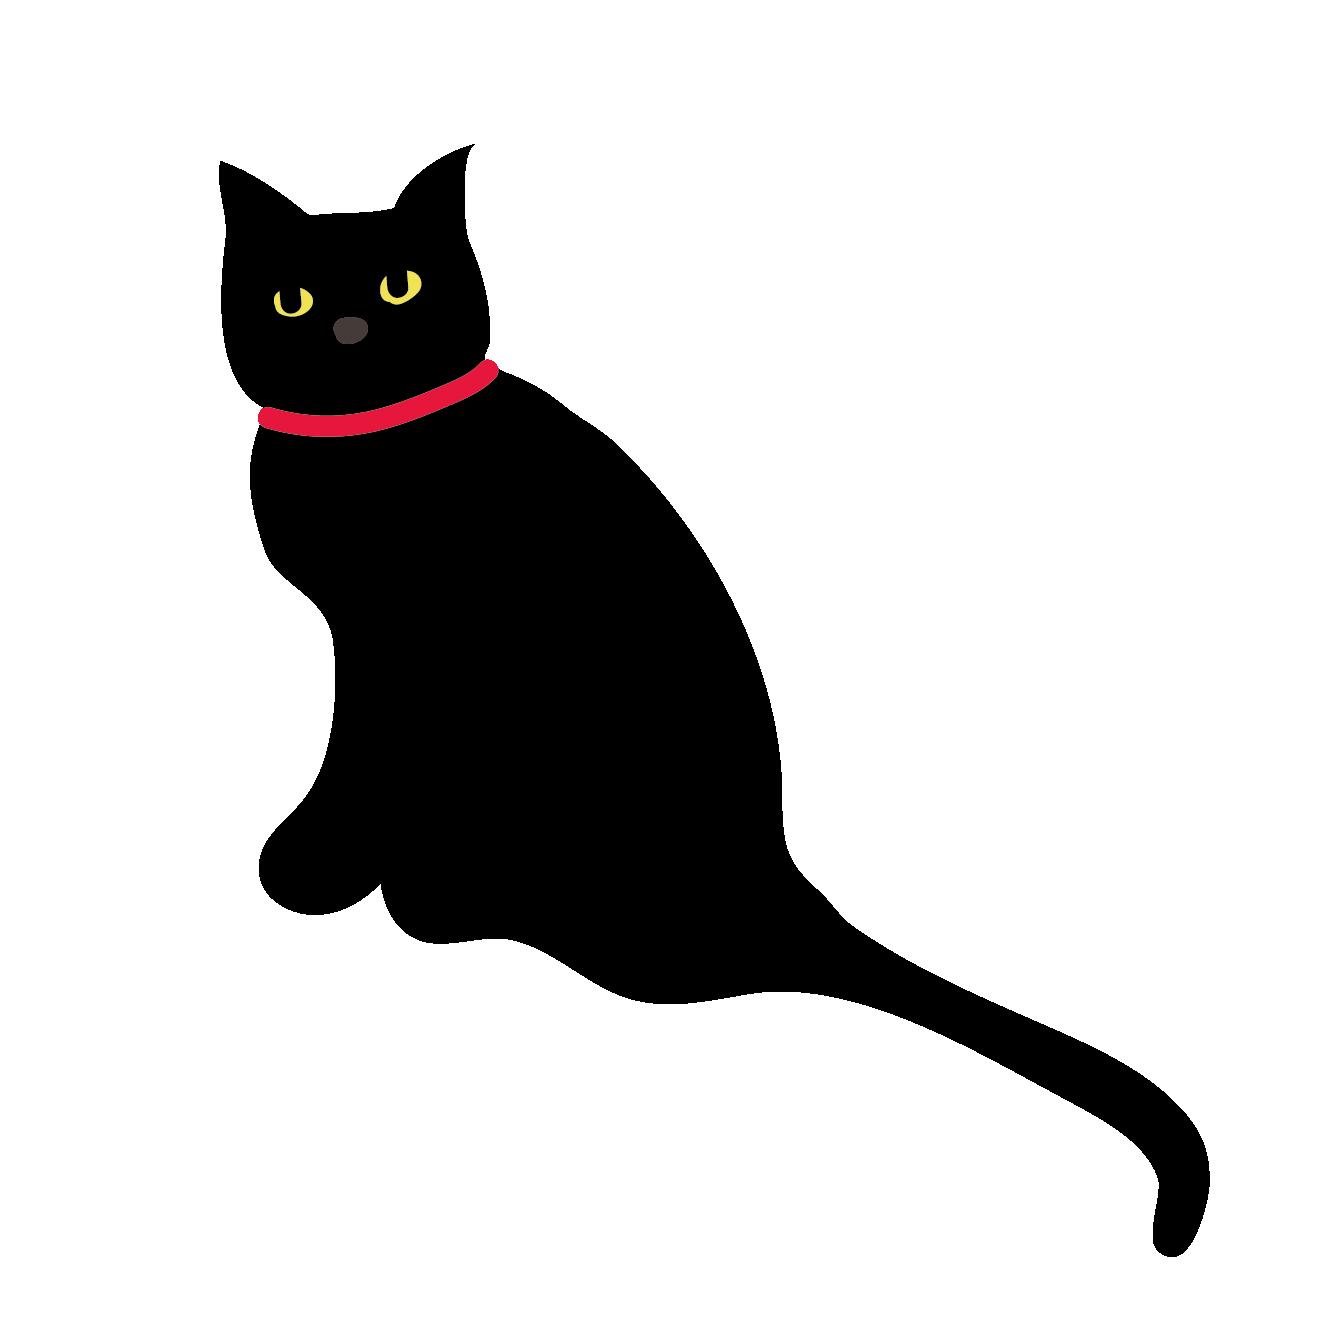 黒猫ネコのイラストクールな表情 商用フリー無料のイラスト